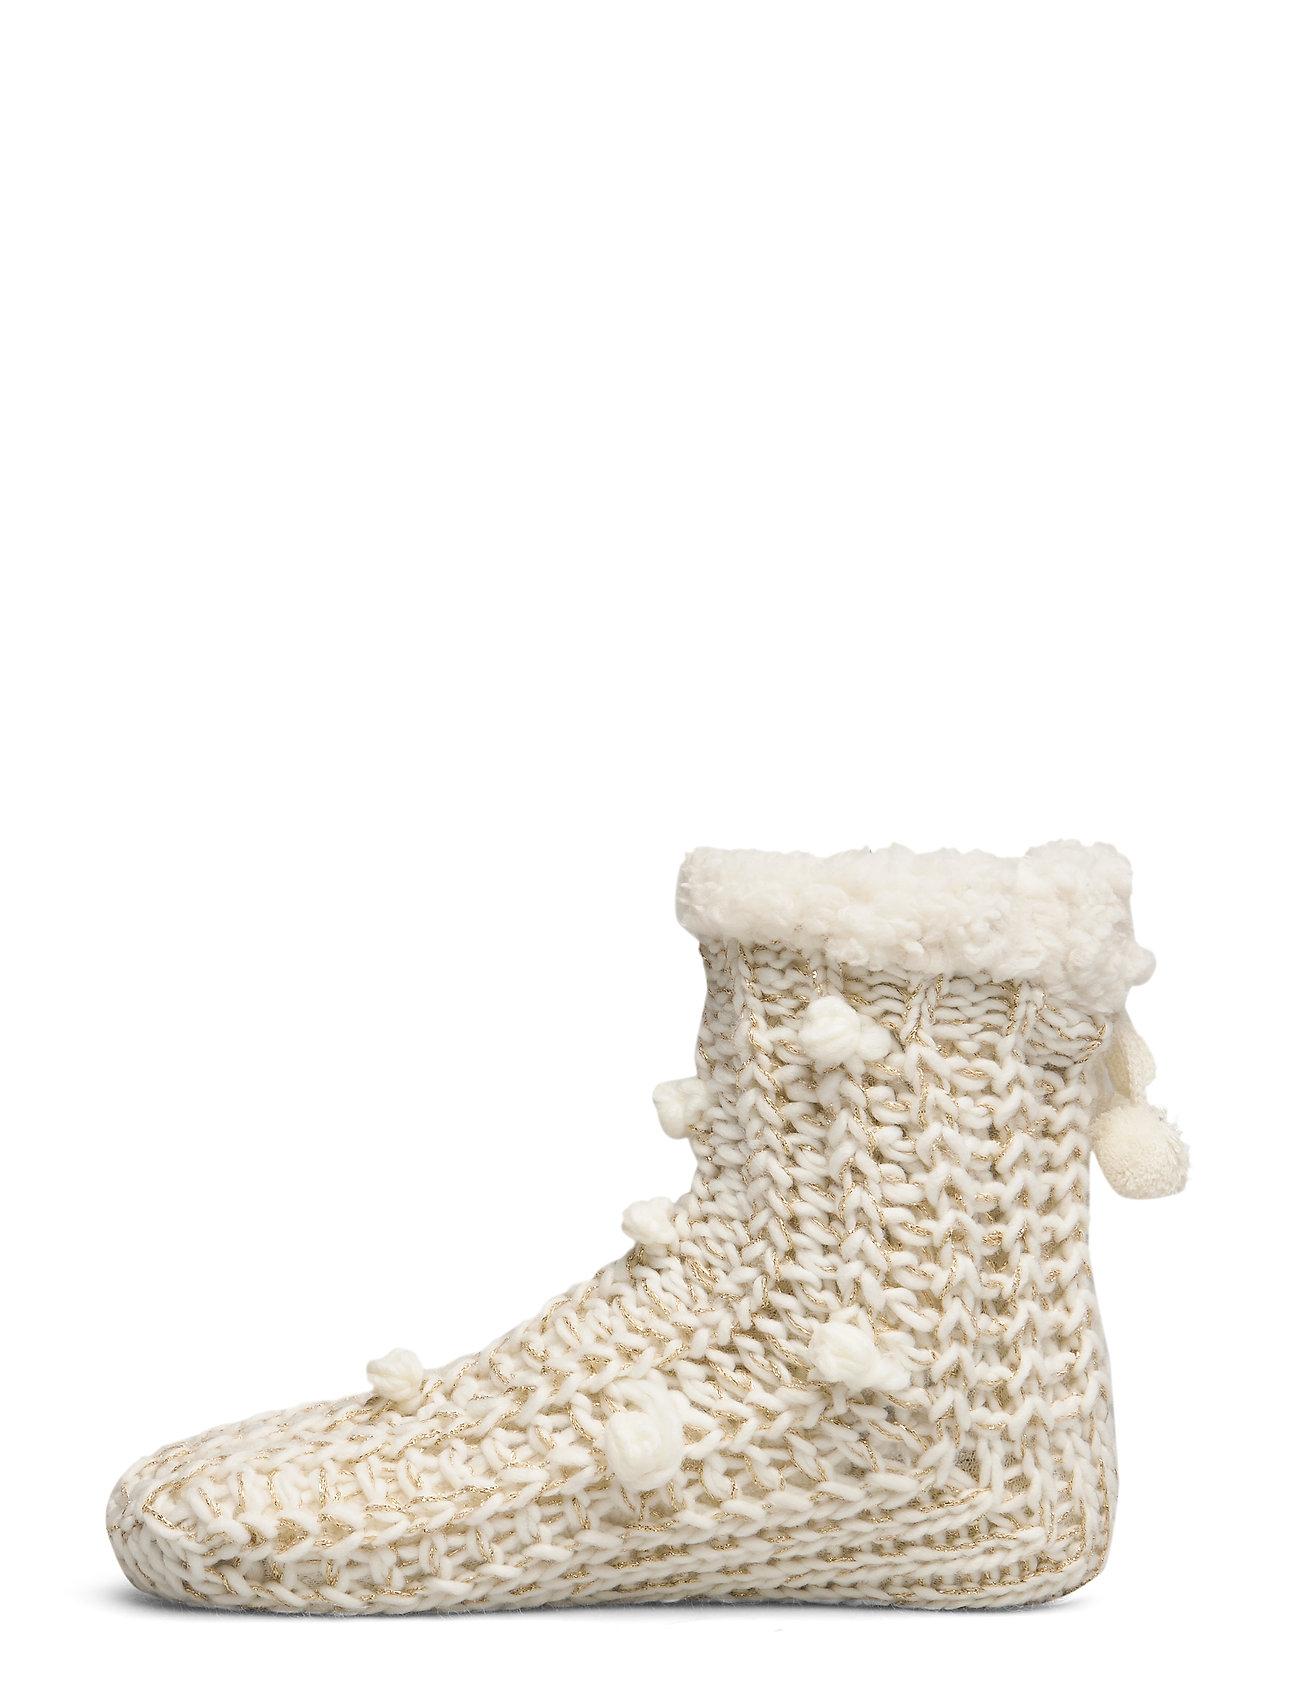 Image of Lurex Short Slipper Sock Lingerie Hosiery Socks Creme Hunkemöller (3285600779)